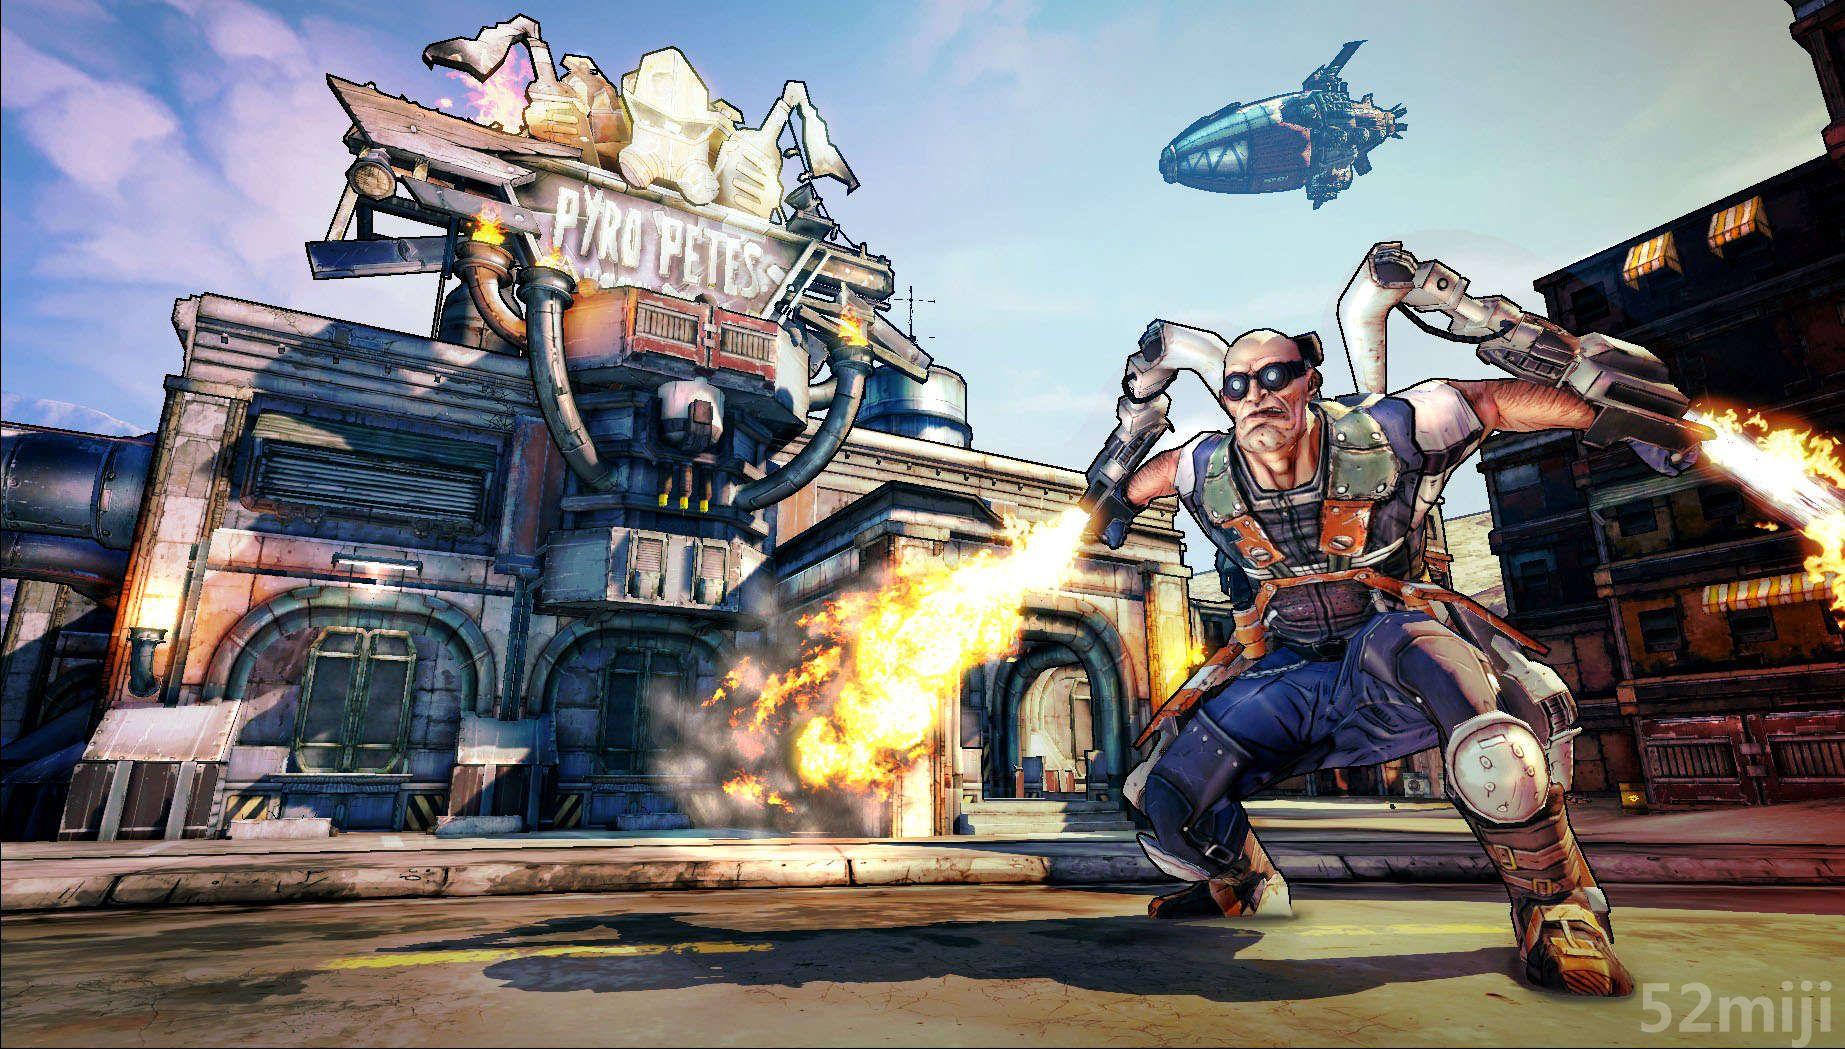 无主之地2:托格先生的屠杀大战游戏截图壁纸 - 我爱